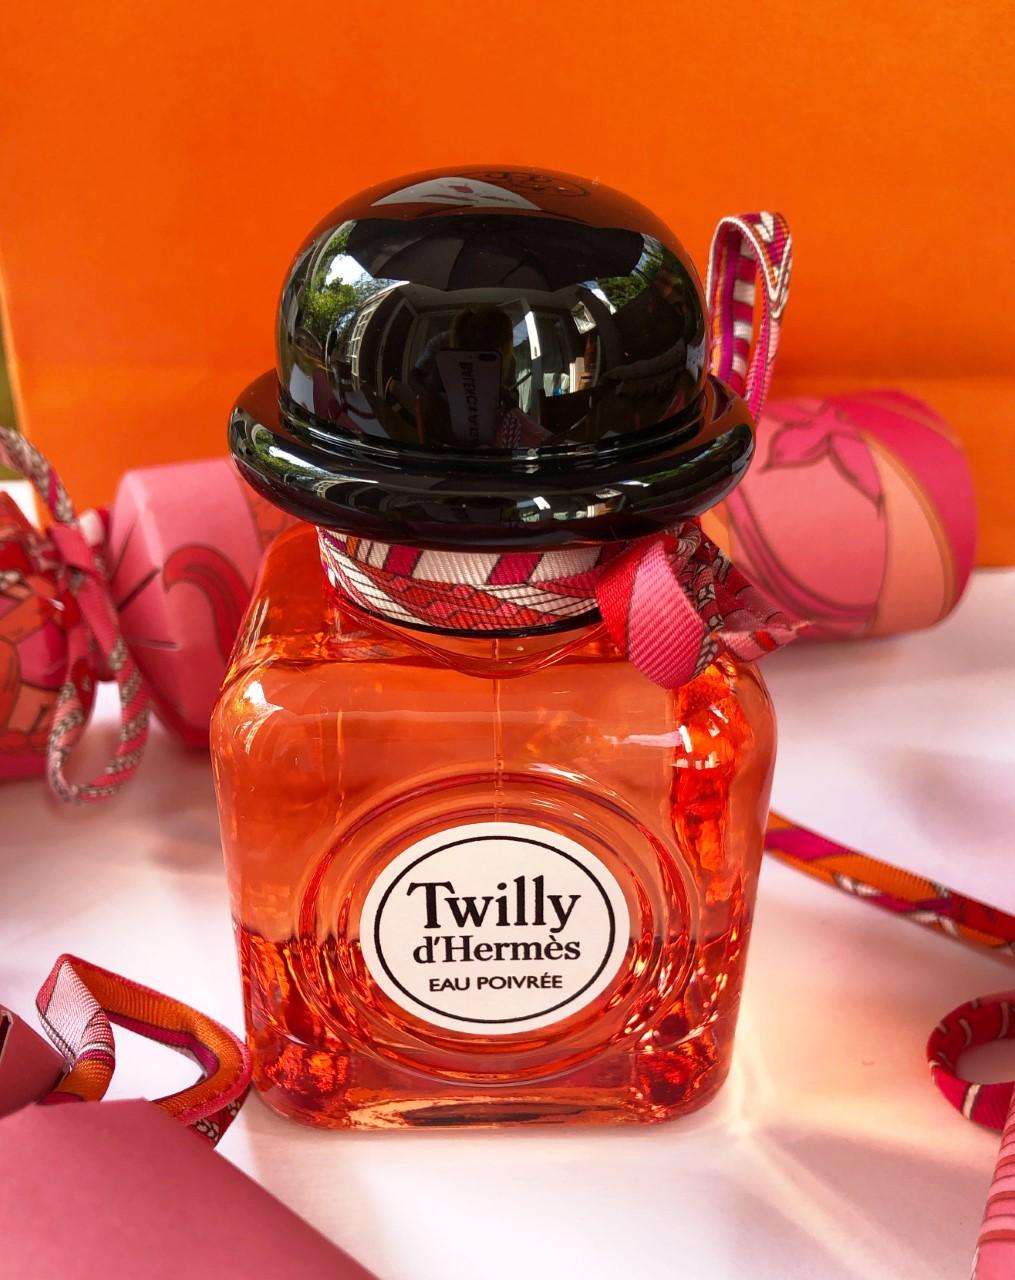 Twilly d' Hermès – Eau Poivree Fabelish